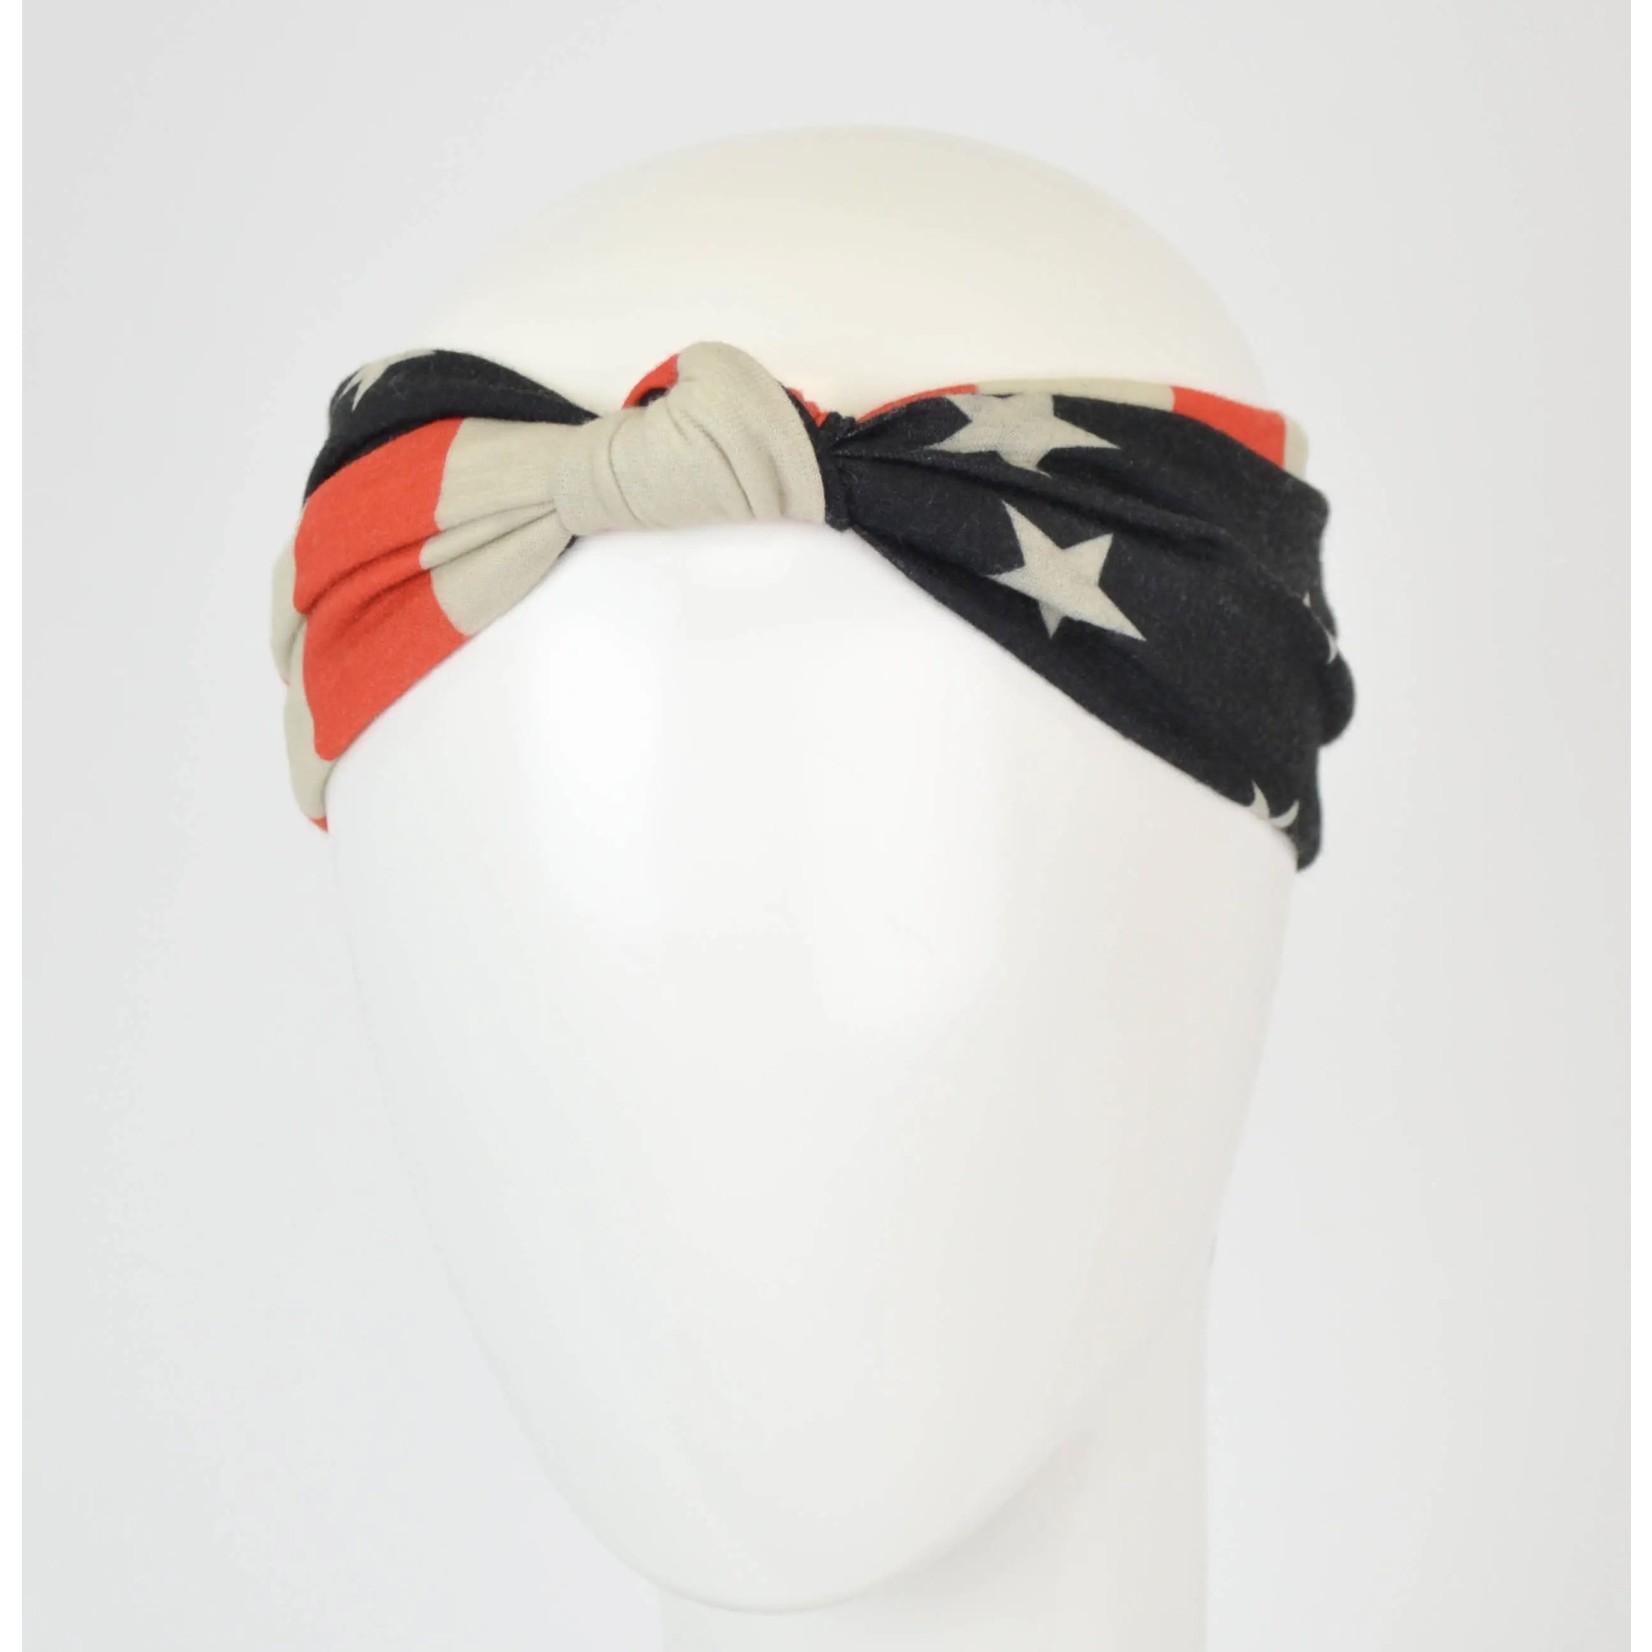 Leto Accessories Headband: